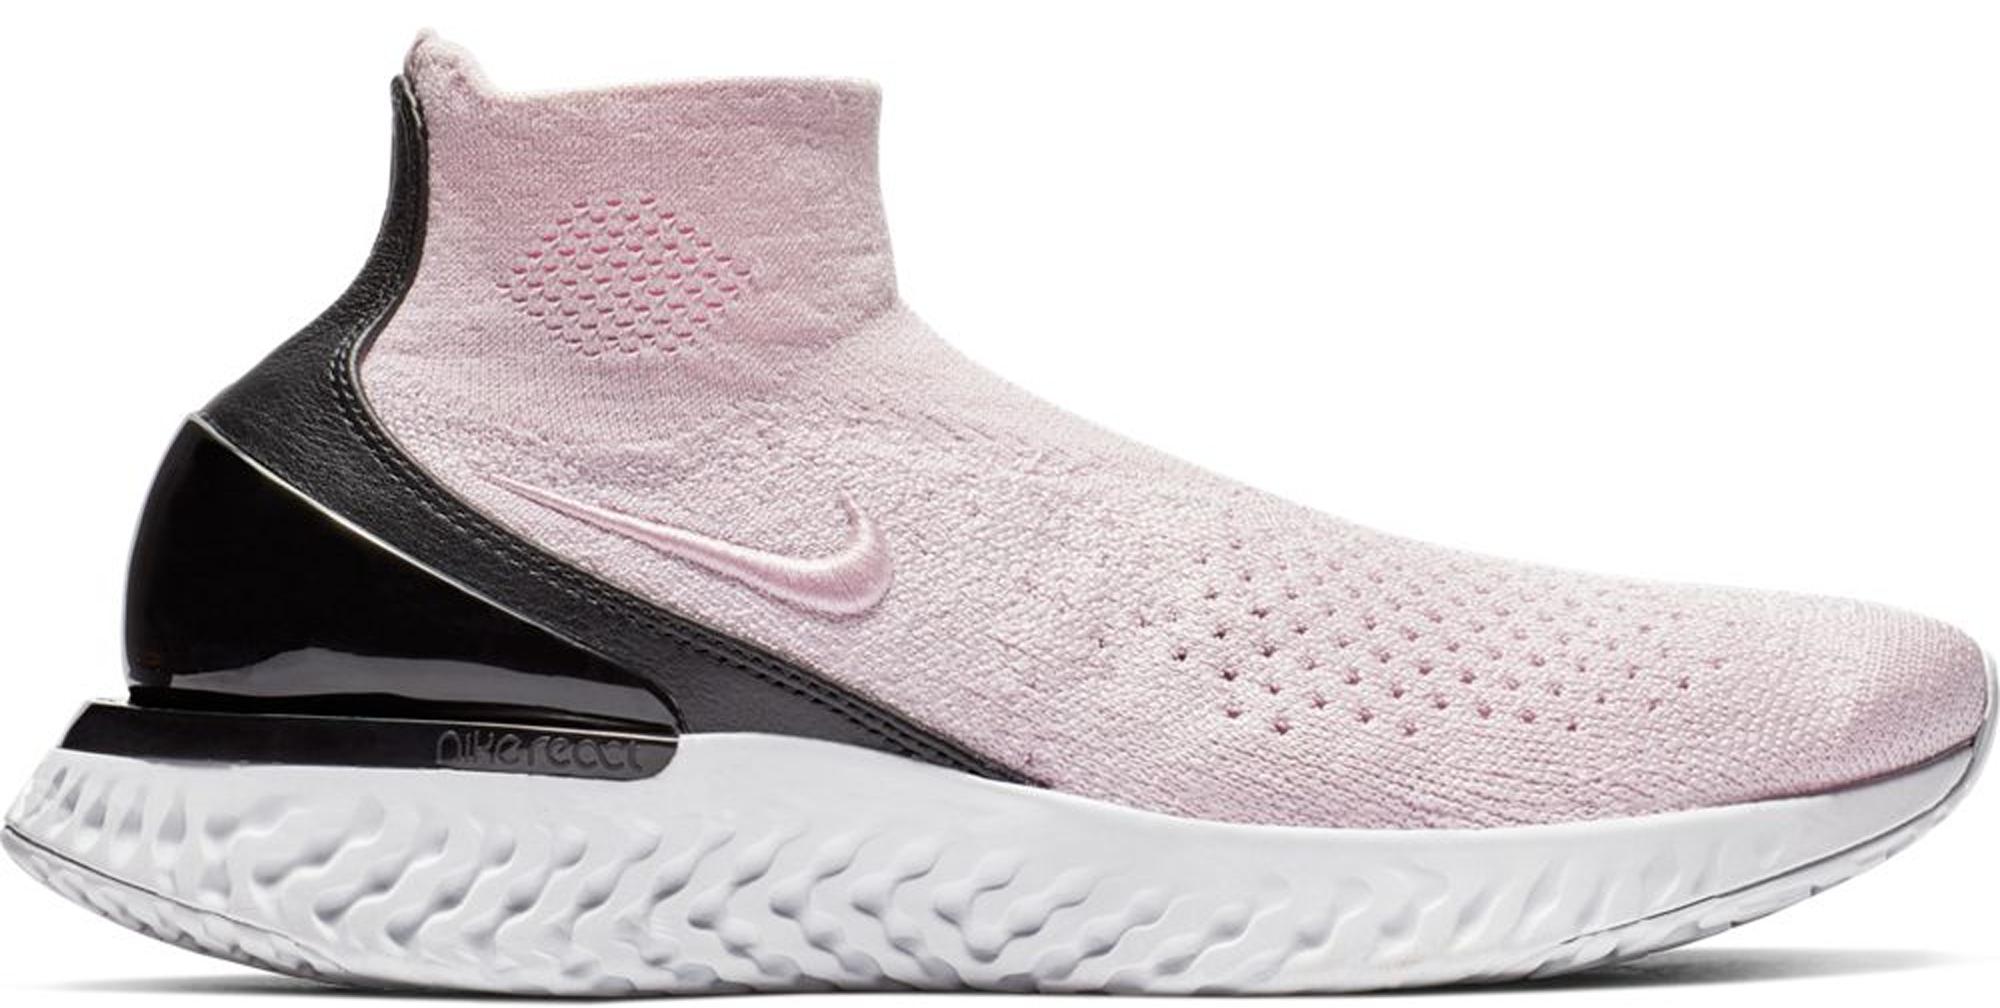 Nike Rise React Flyknit Pink Foam (W